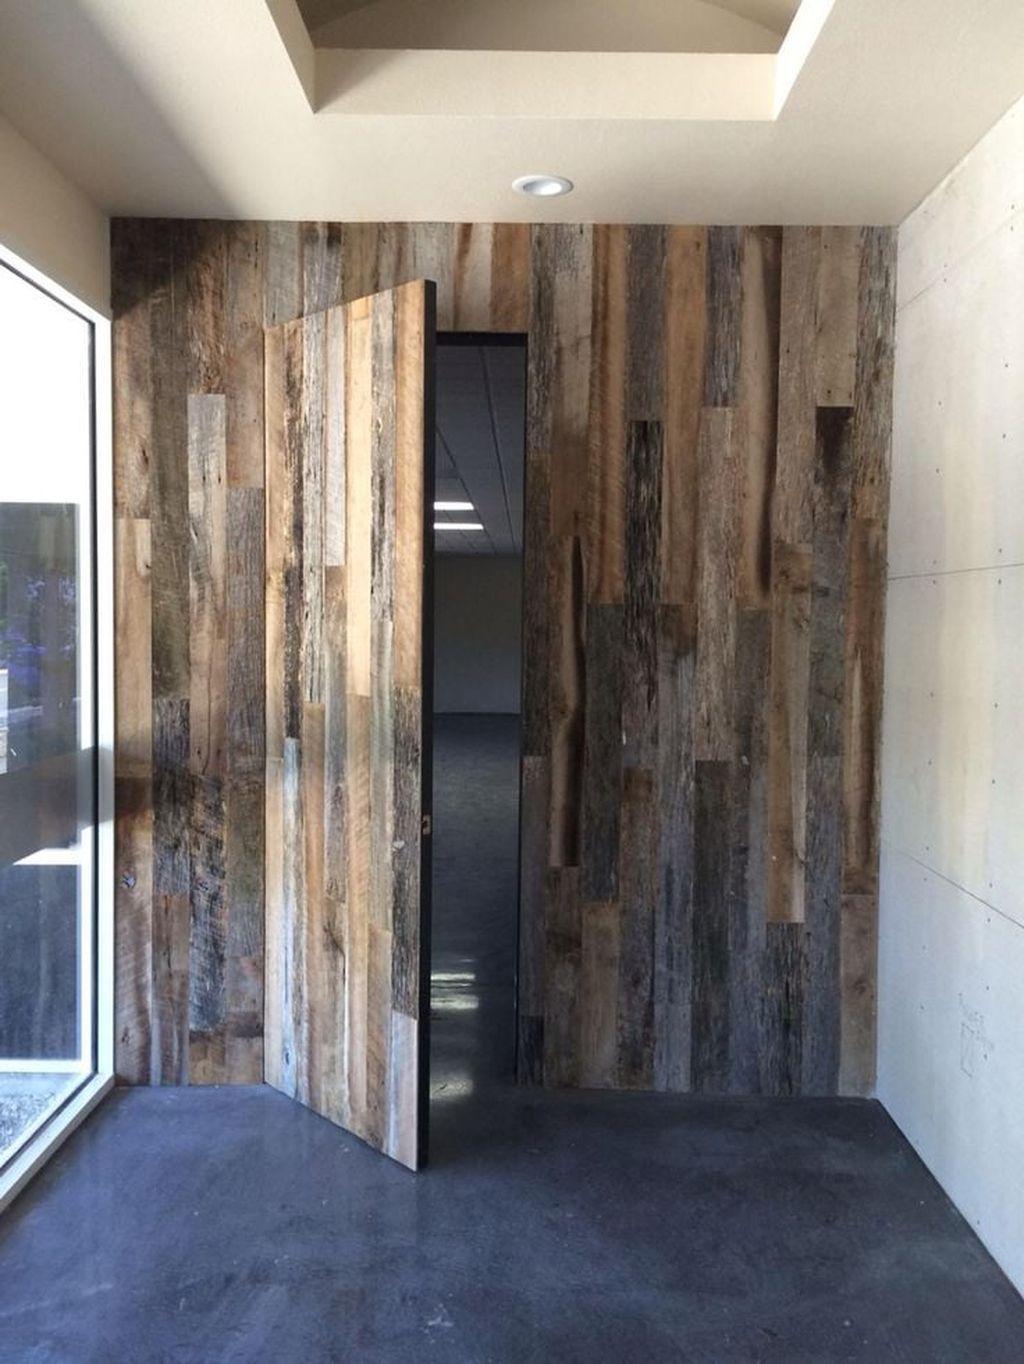 creative hidden door design for storage and secret room